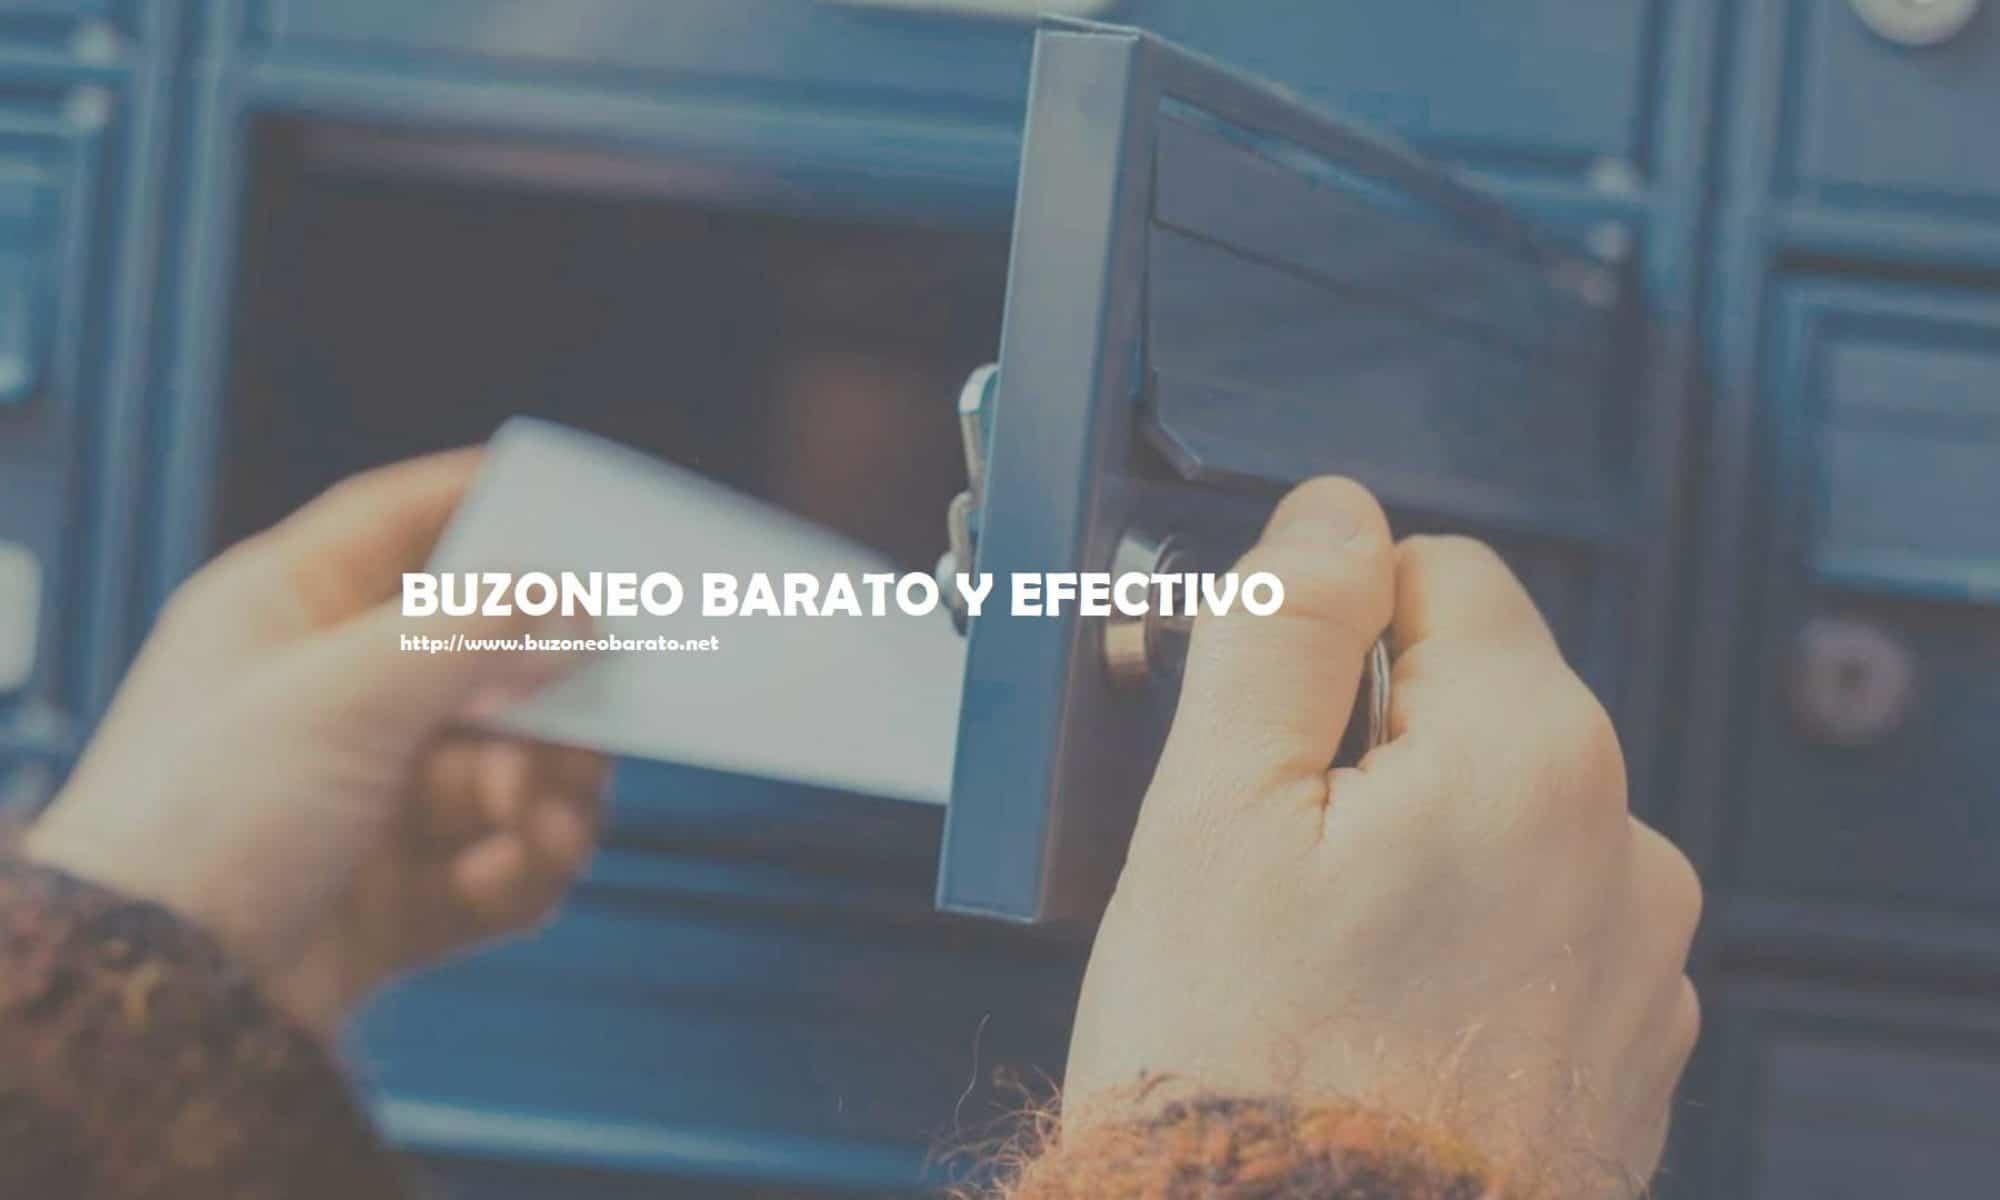 Buzoneo Barato y Reparto de Publicidad - Buzoneobarato.net